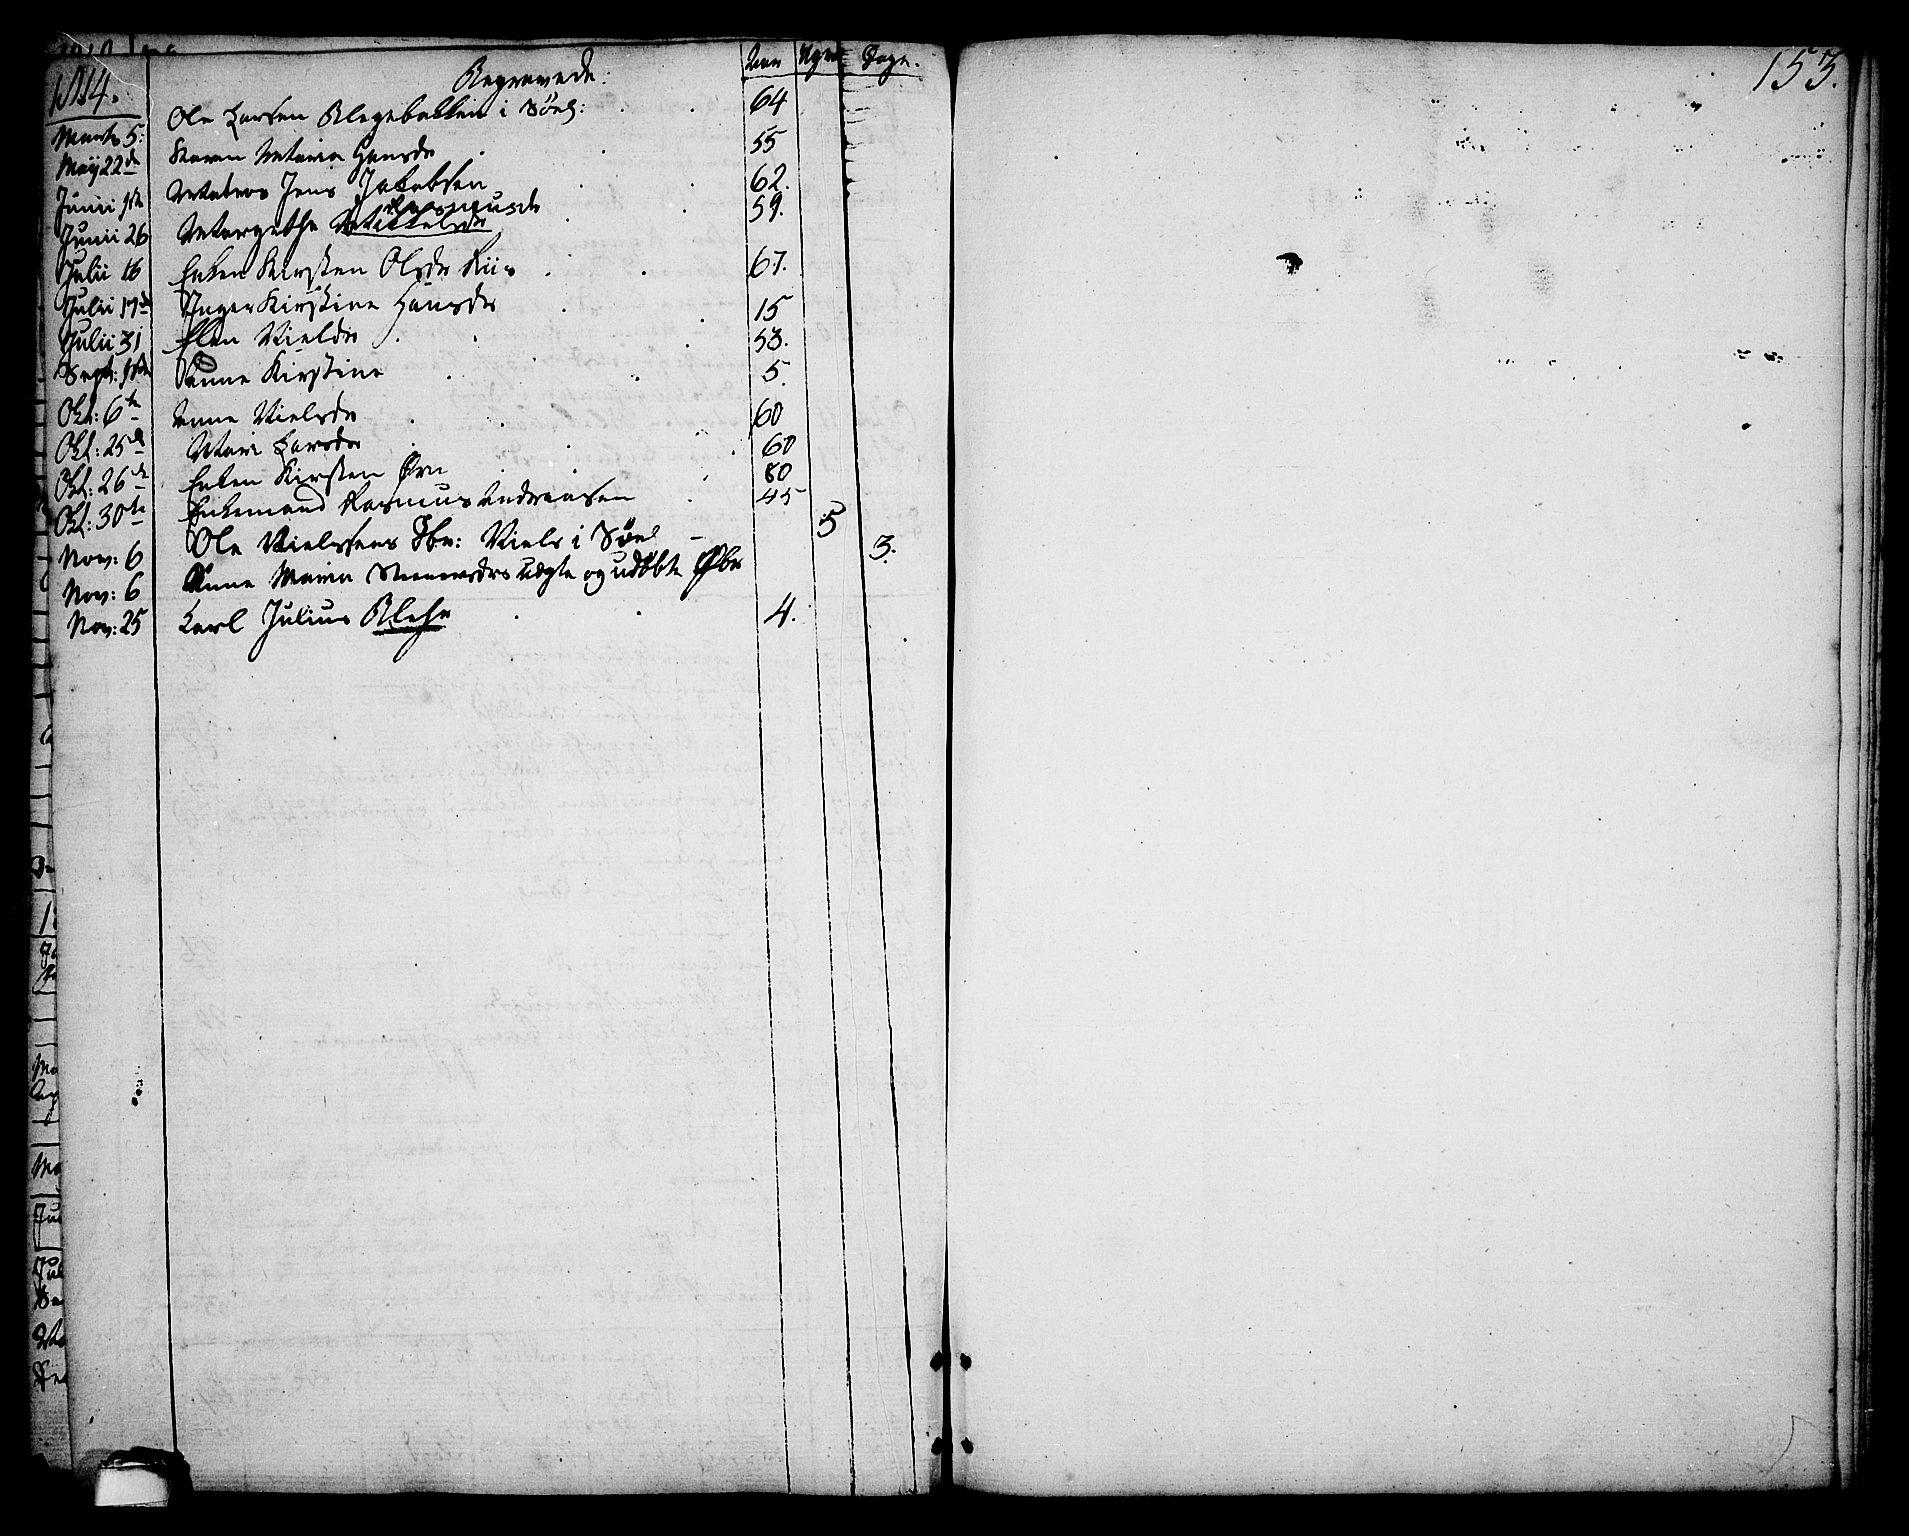 SAKO, Brevik kirkebøker, F/Fa/L0003: Ministerialbok nr. 3, 1764-1814, s. 153